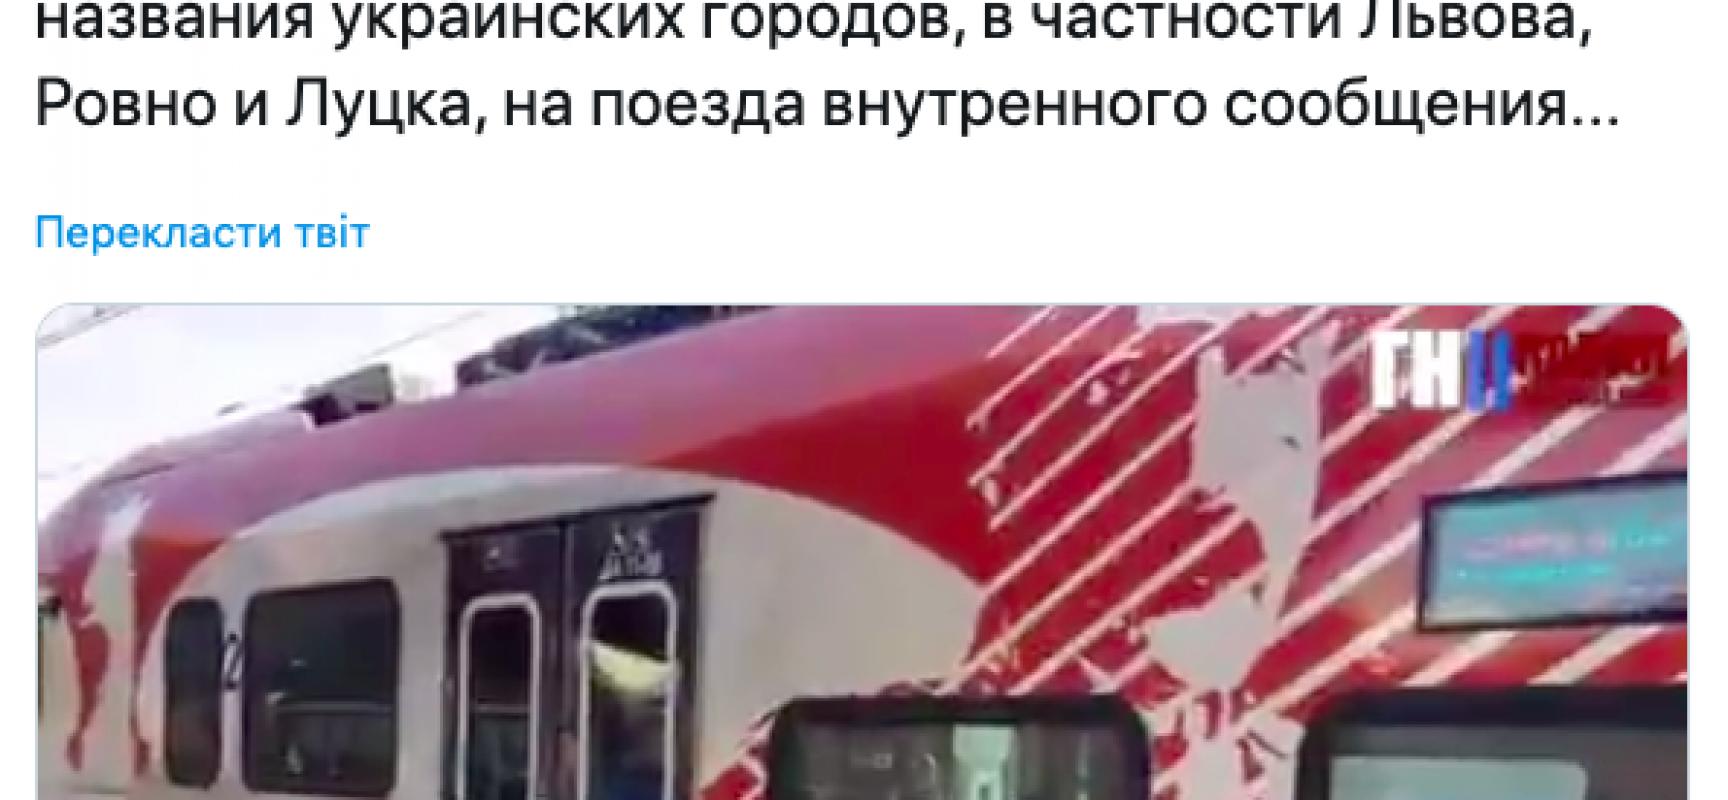 Distorsione: la Polonia si appropria delle città ucraine di Leopoli, Lutsk, Rivne